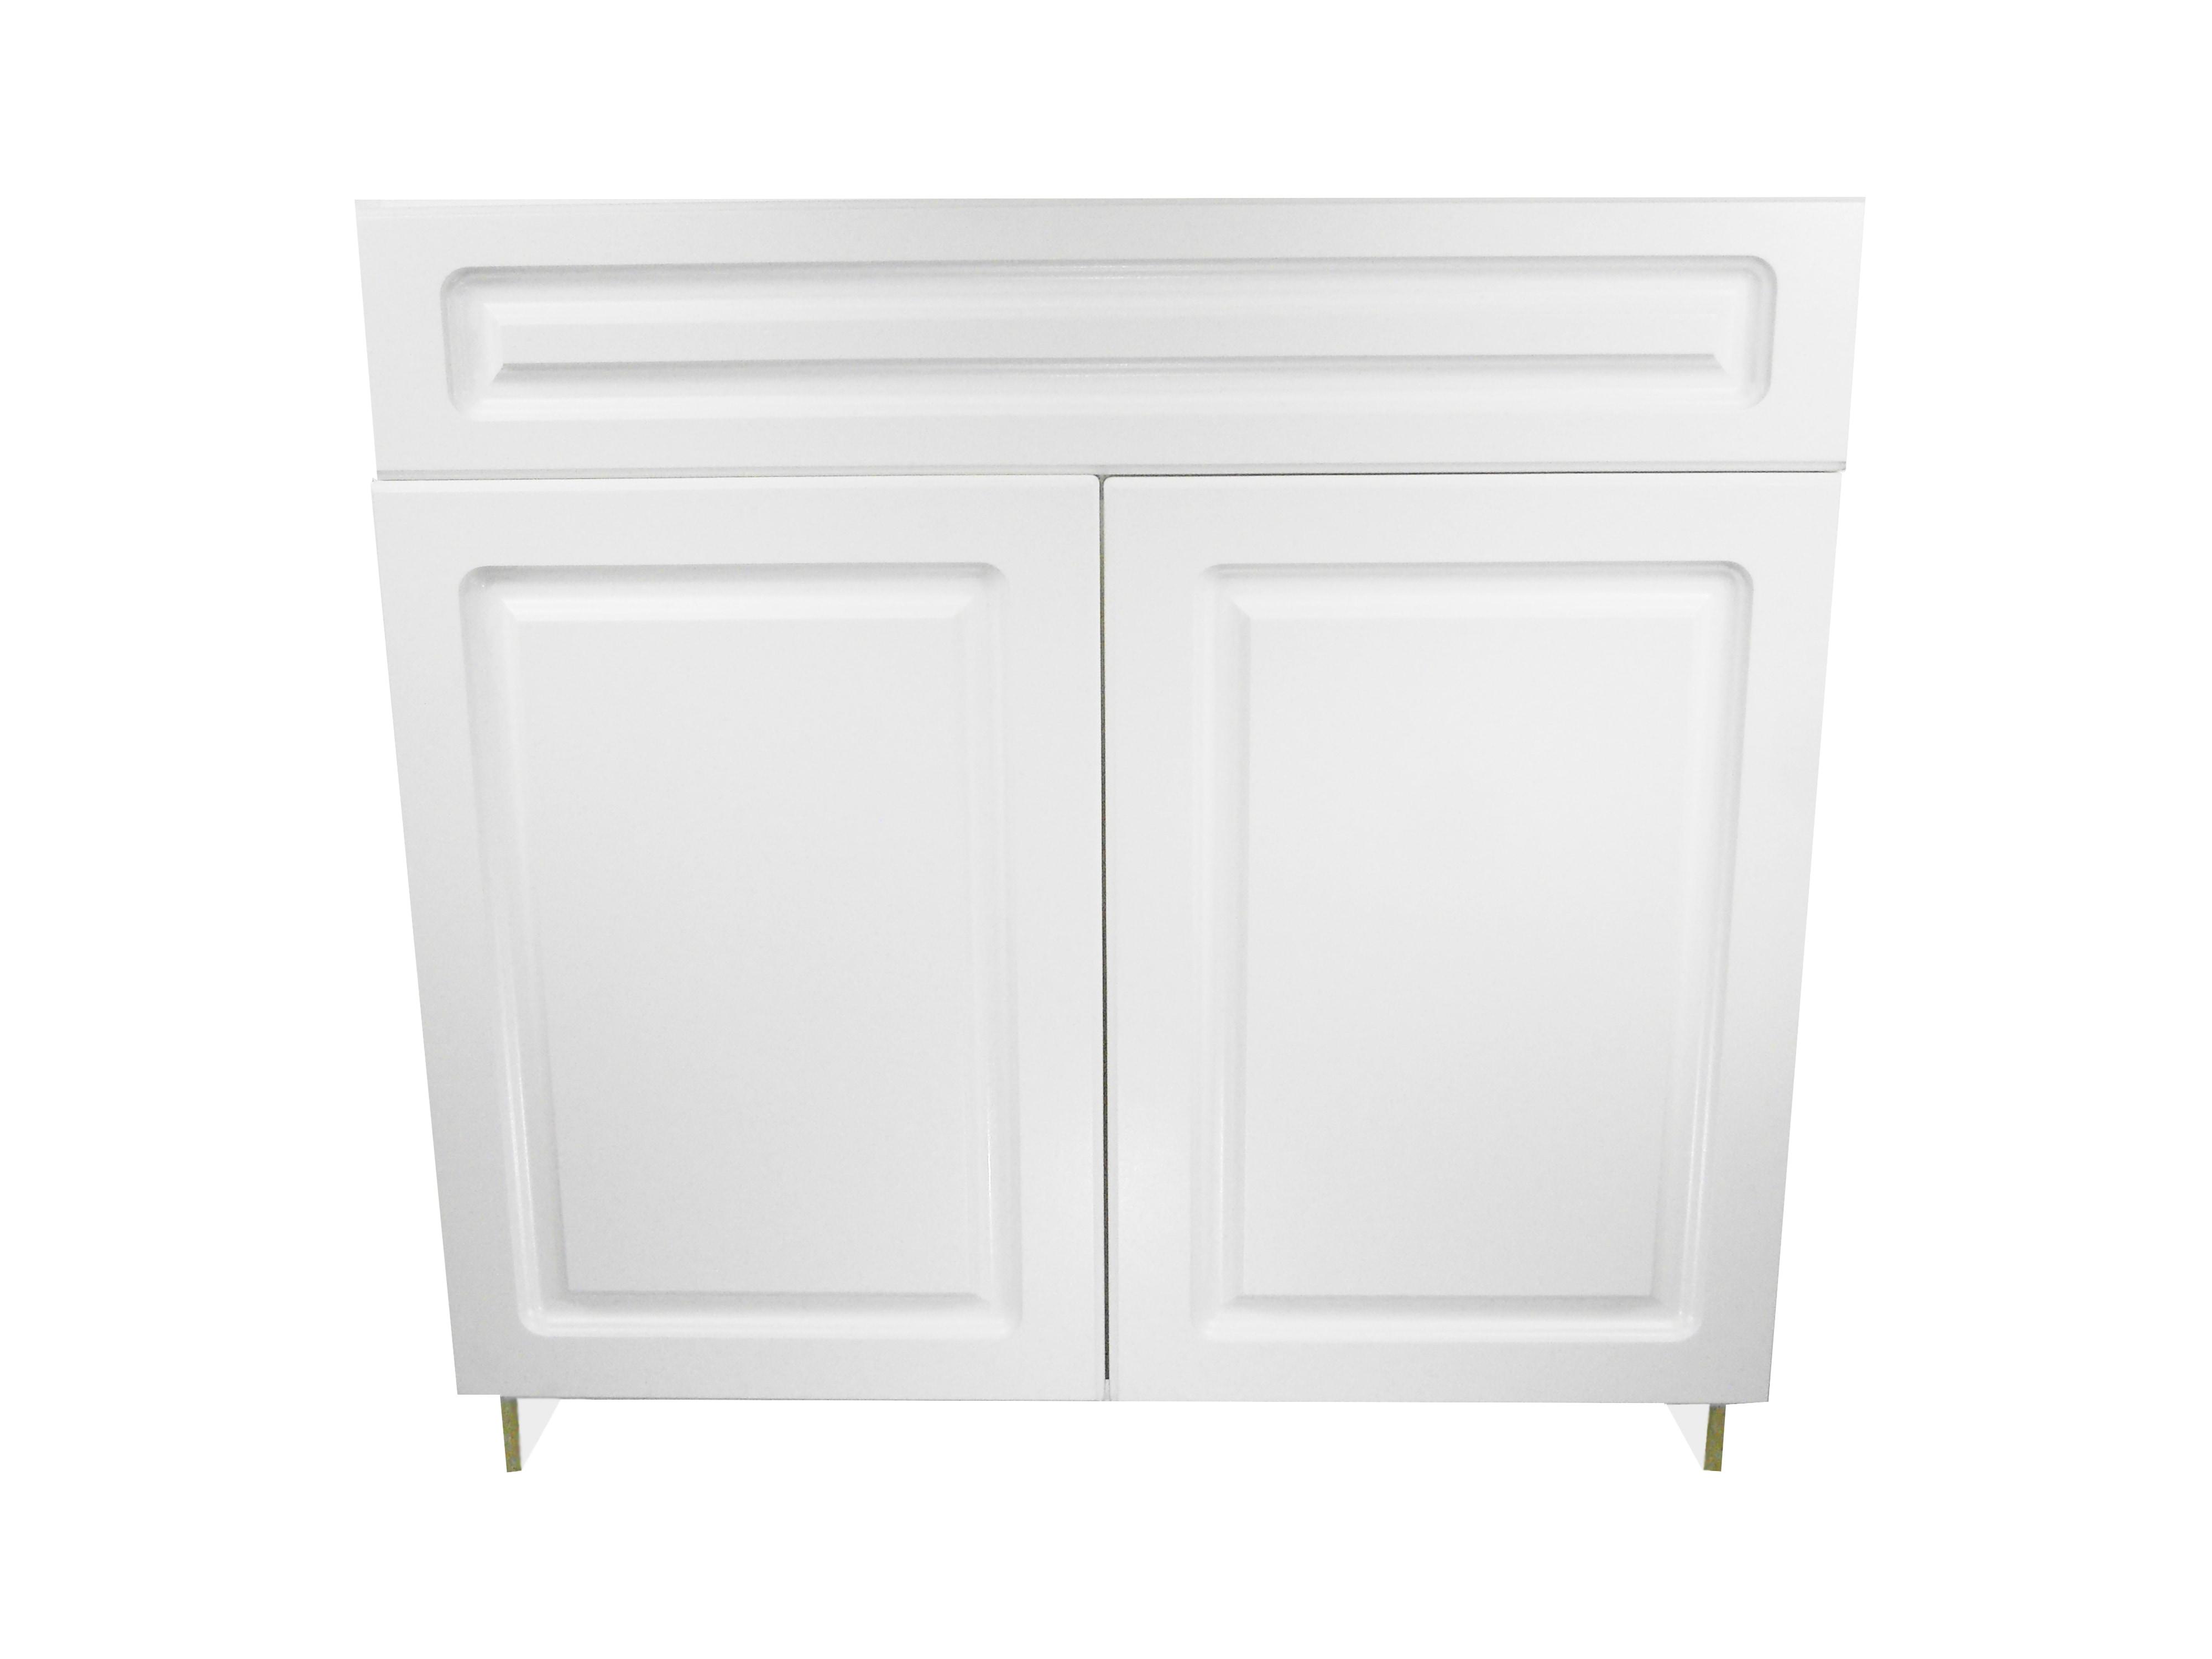 Sink Base Cabinet with 2 Door / San Juan / Raised Panel White / 36 San Juan 0